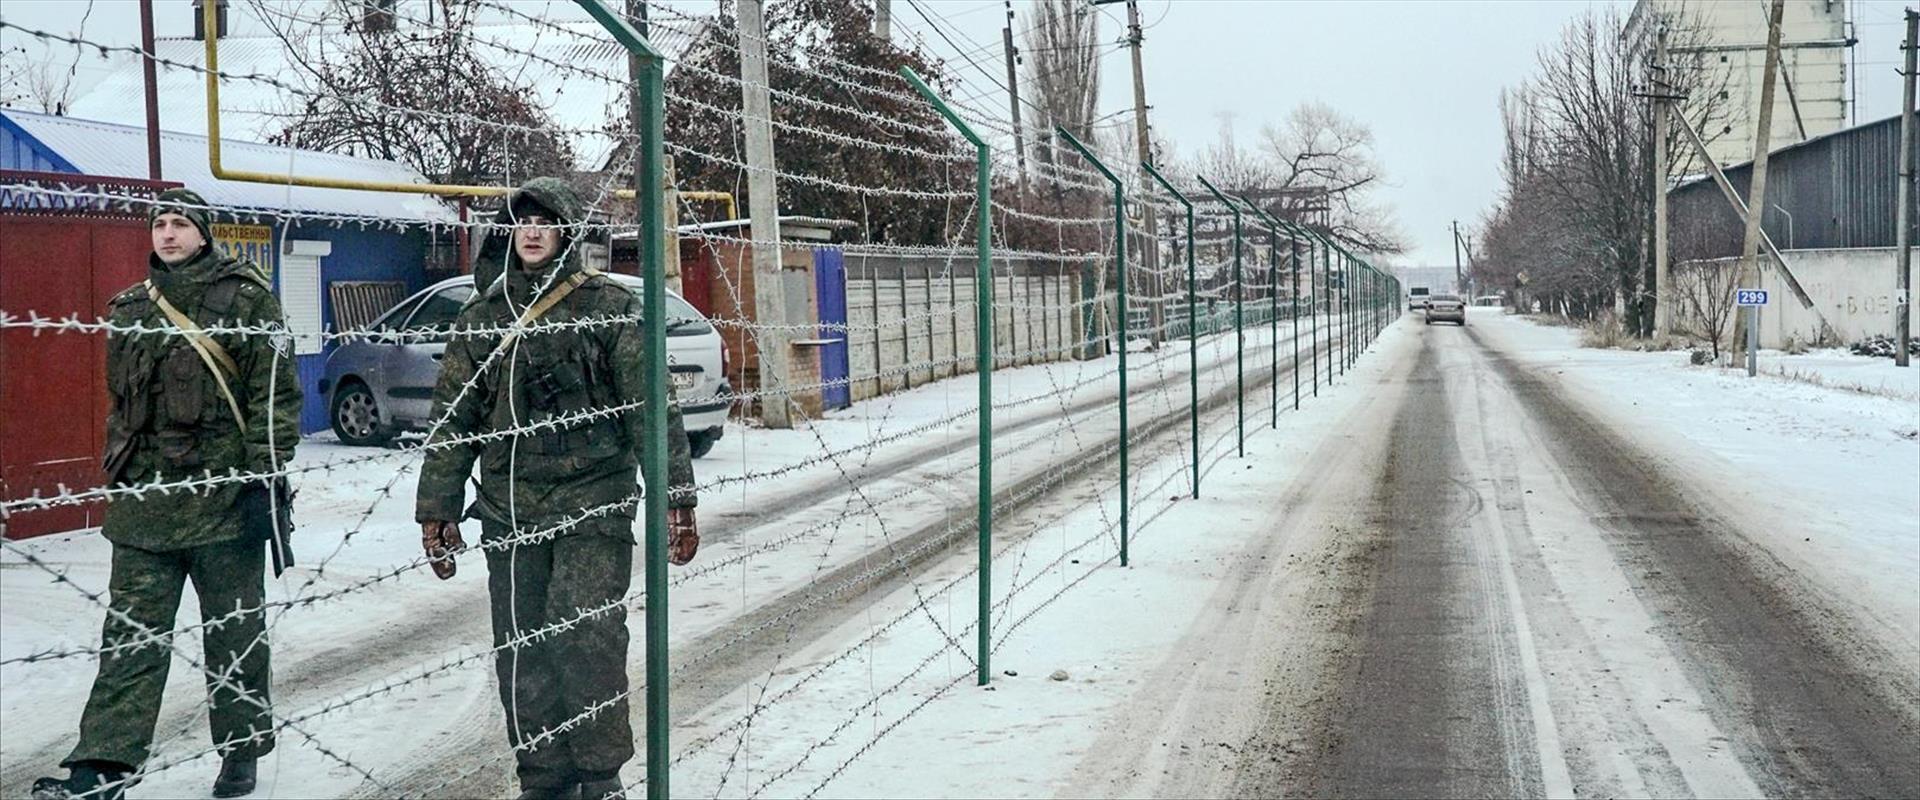 כוחות רוסיים בגבול רוסיה אוקראינה